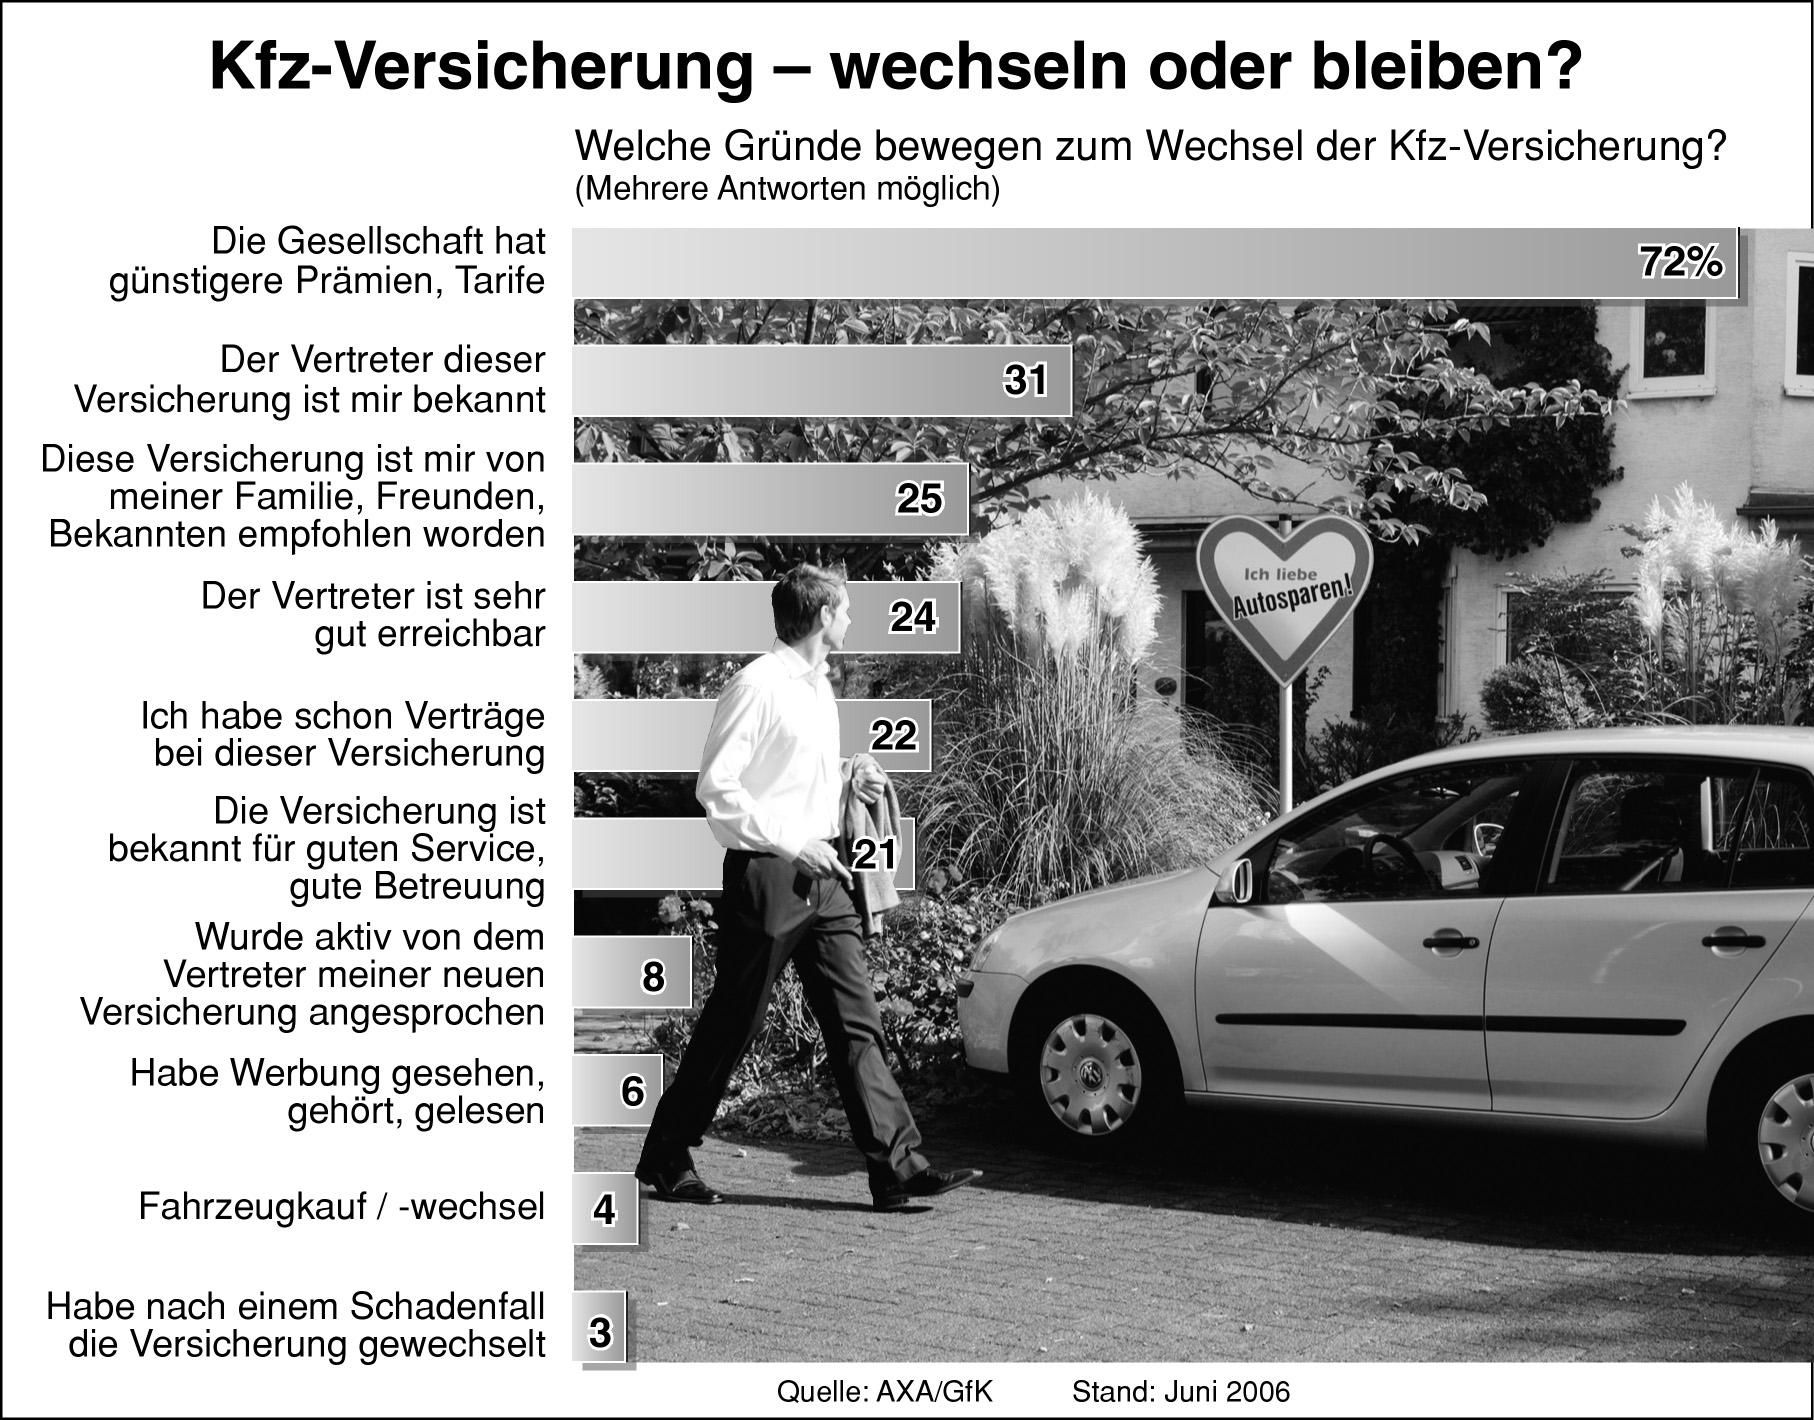 axa studie deutsche wechseln kfz versicherung aus kostengr nden pressemitteilung axa konzern ag. Black Bedroom Furniture Sets. Home Design Ideas